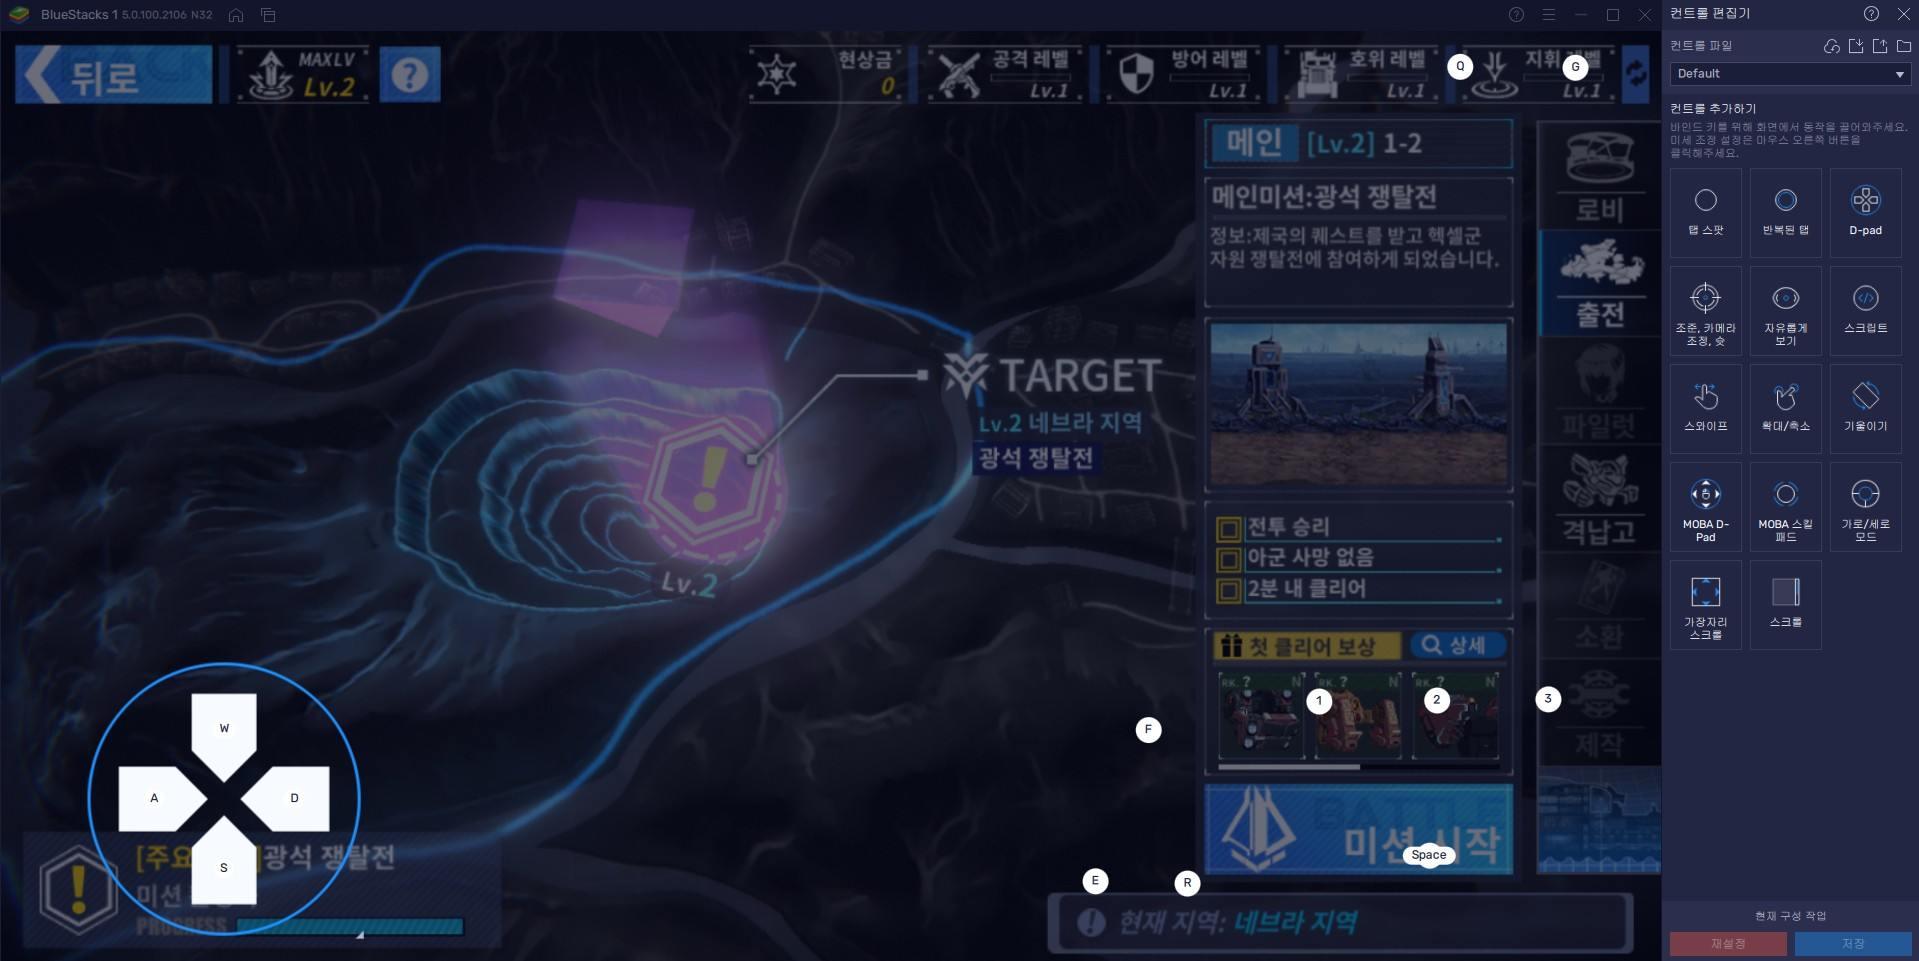 파이널기어 드디어 오픈, 새로운 메카닉 게임을 PC에서 블루스택 앱플레이어로 만나봐요!